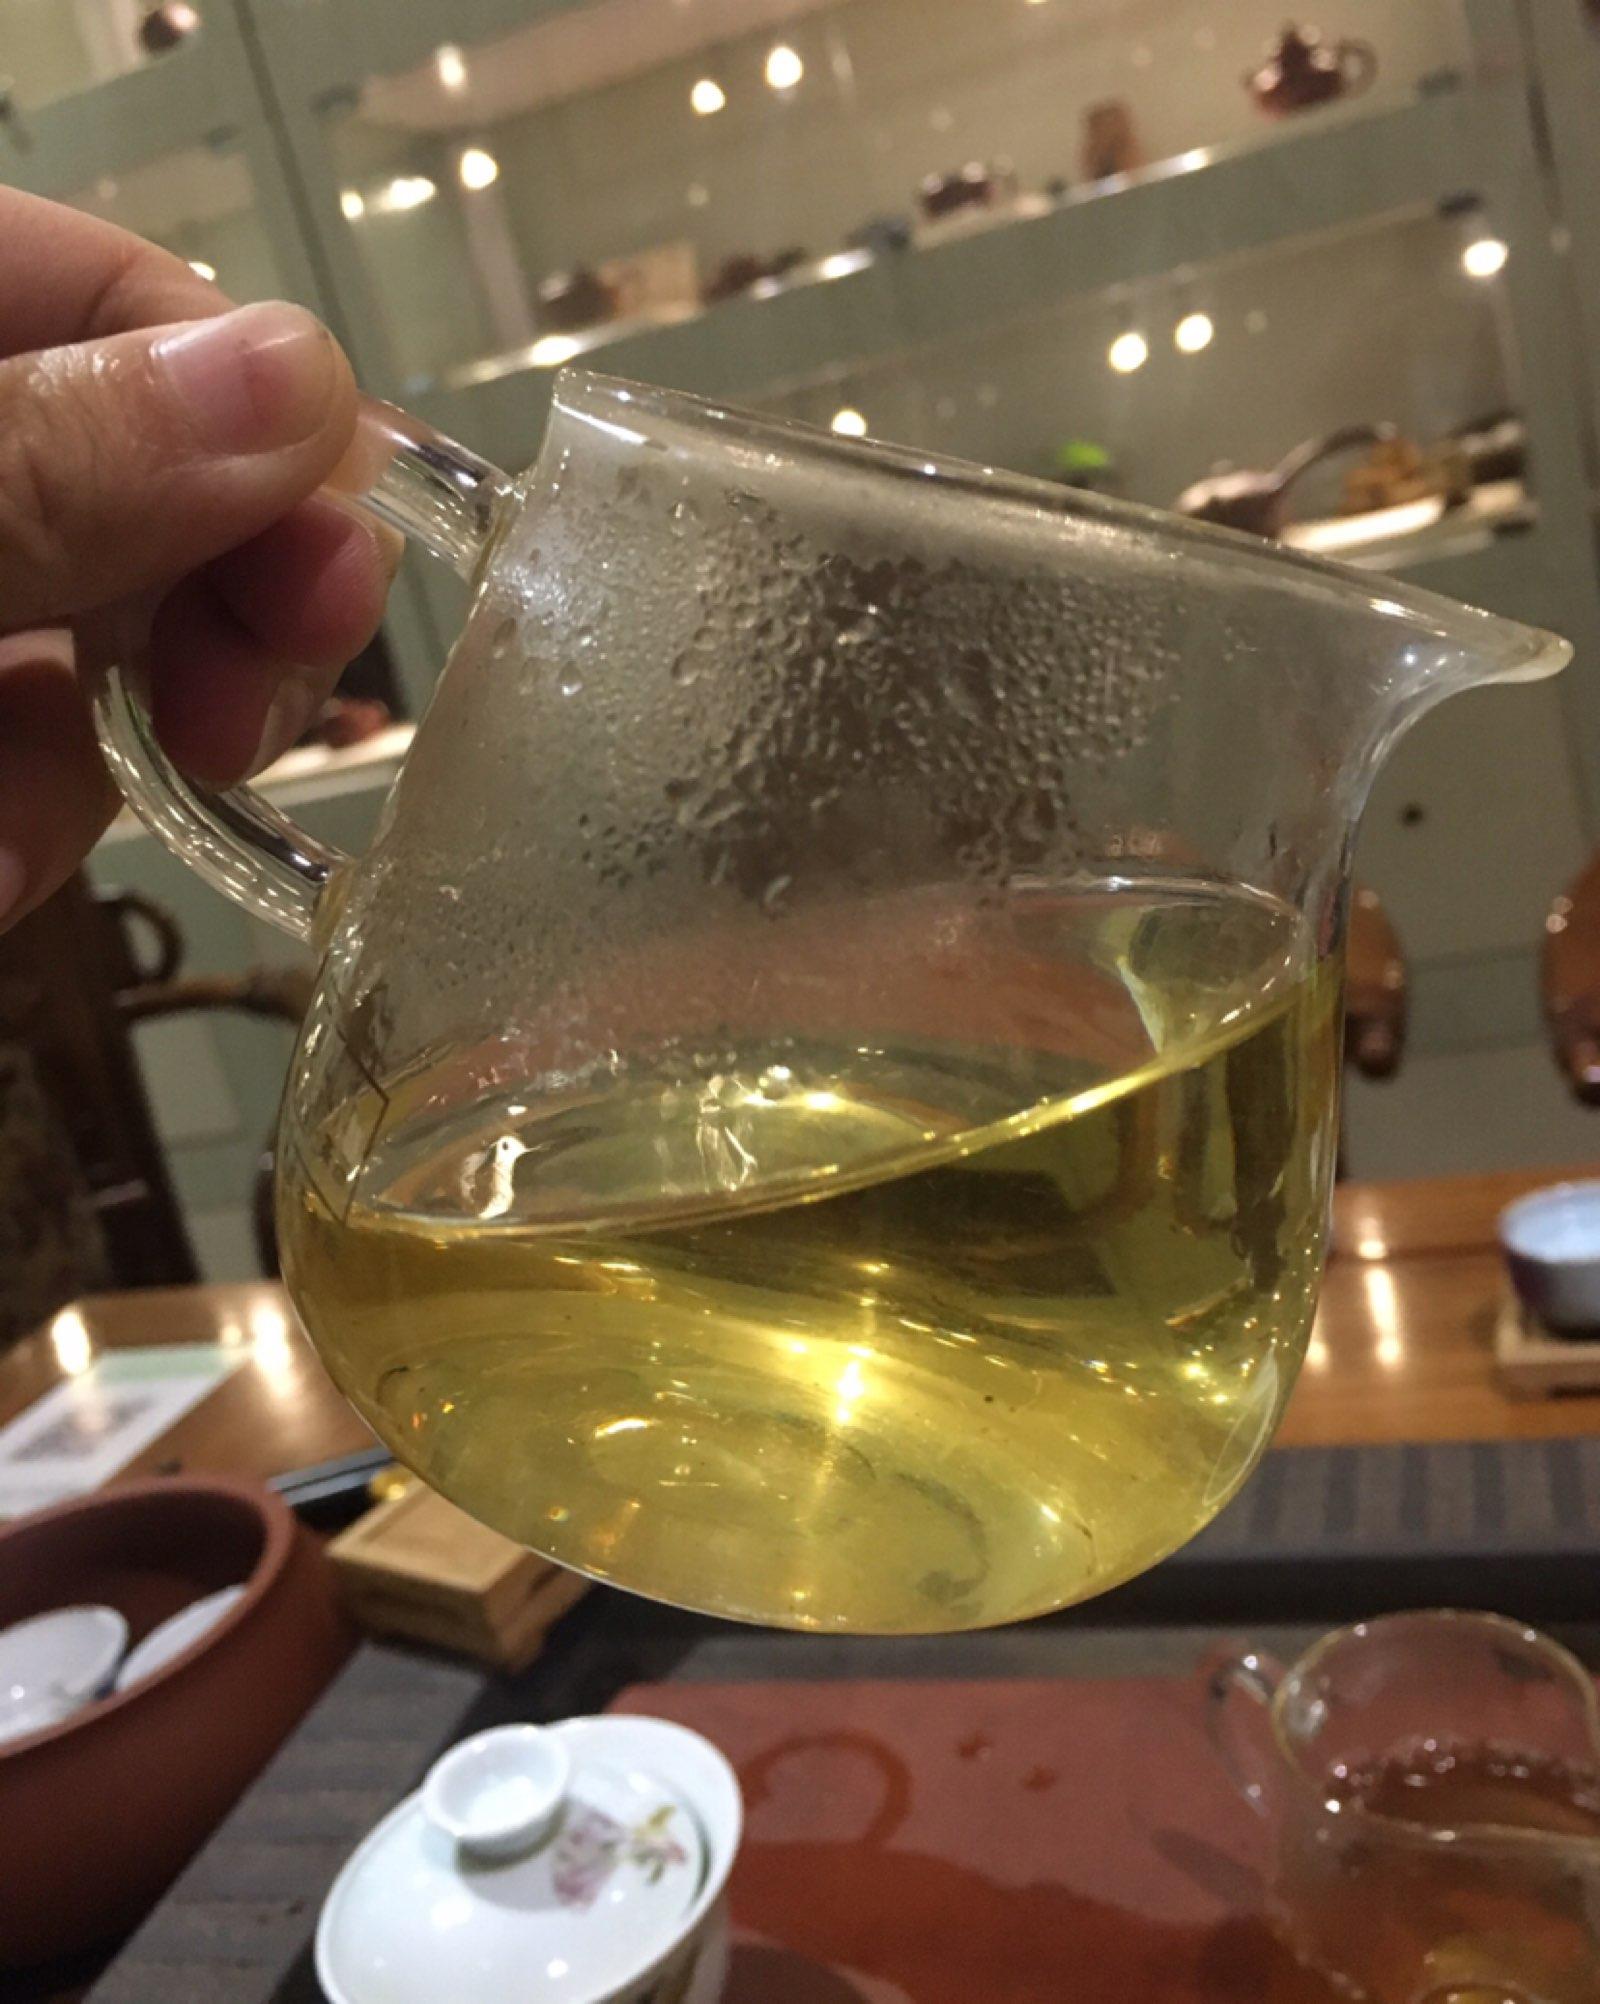 犹如喧哗,犹如清静。 若要形容,来于此茶。